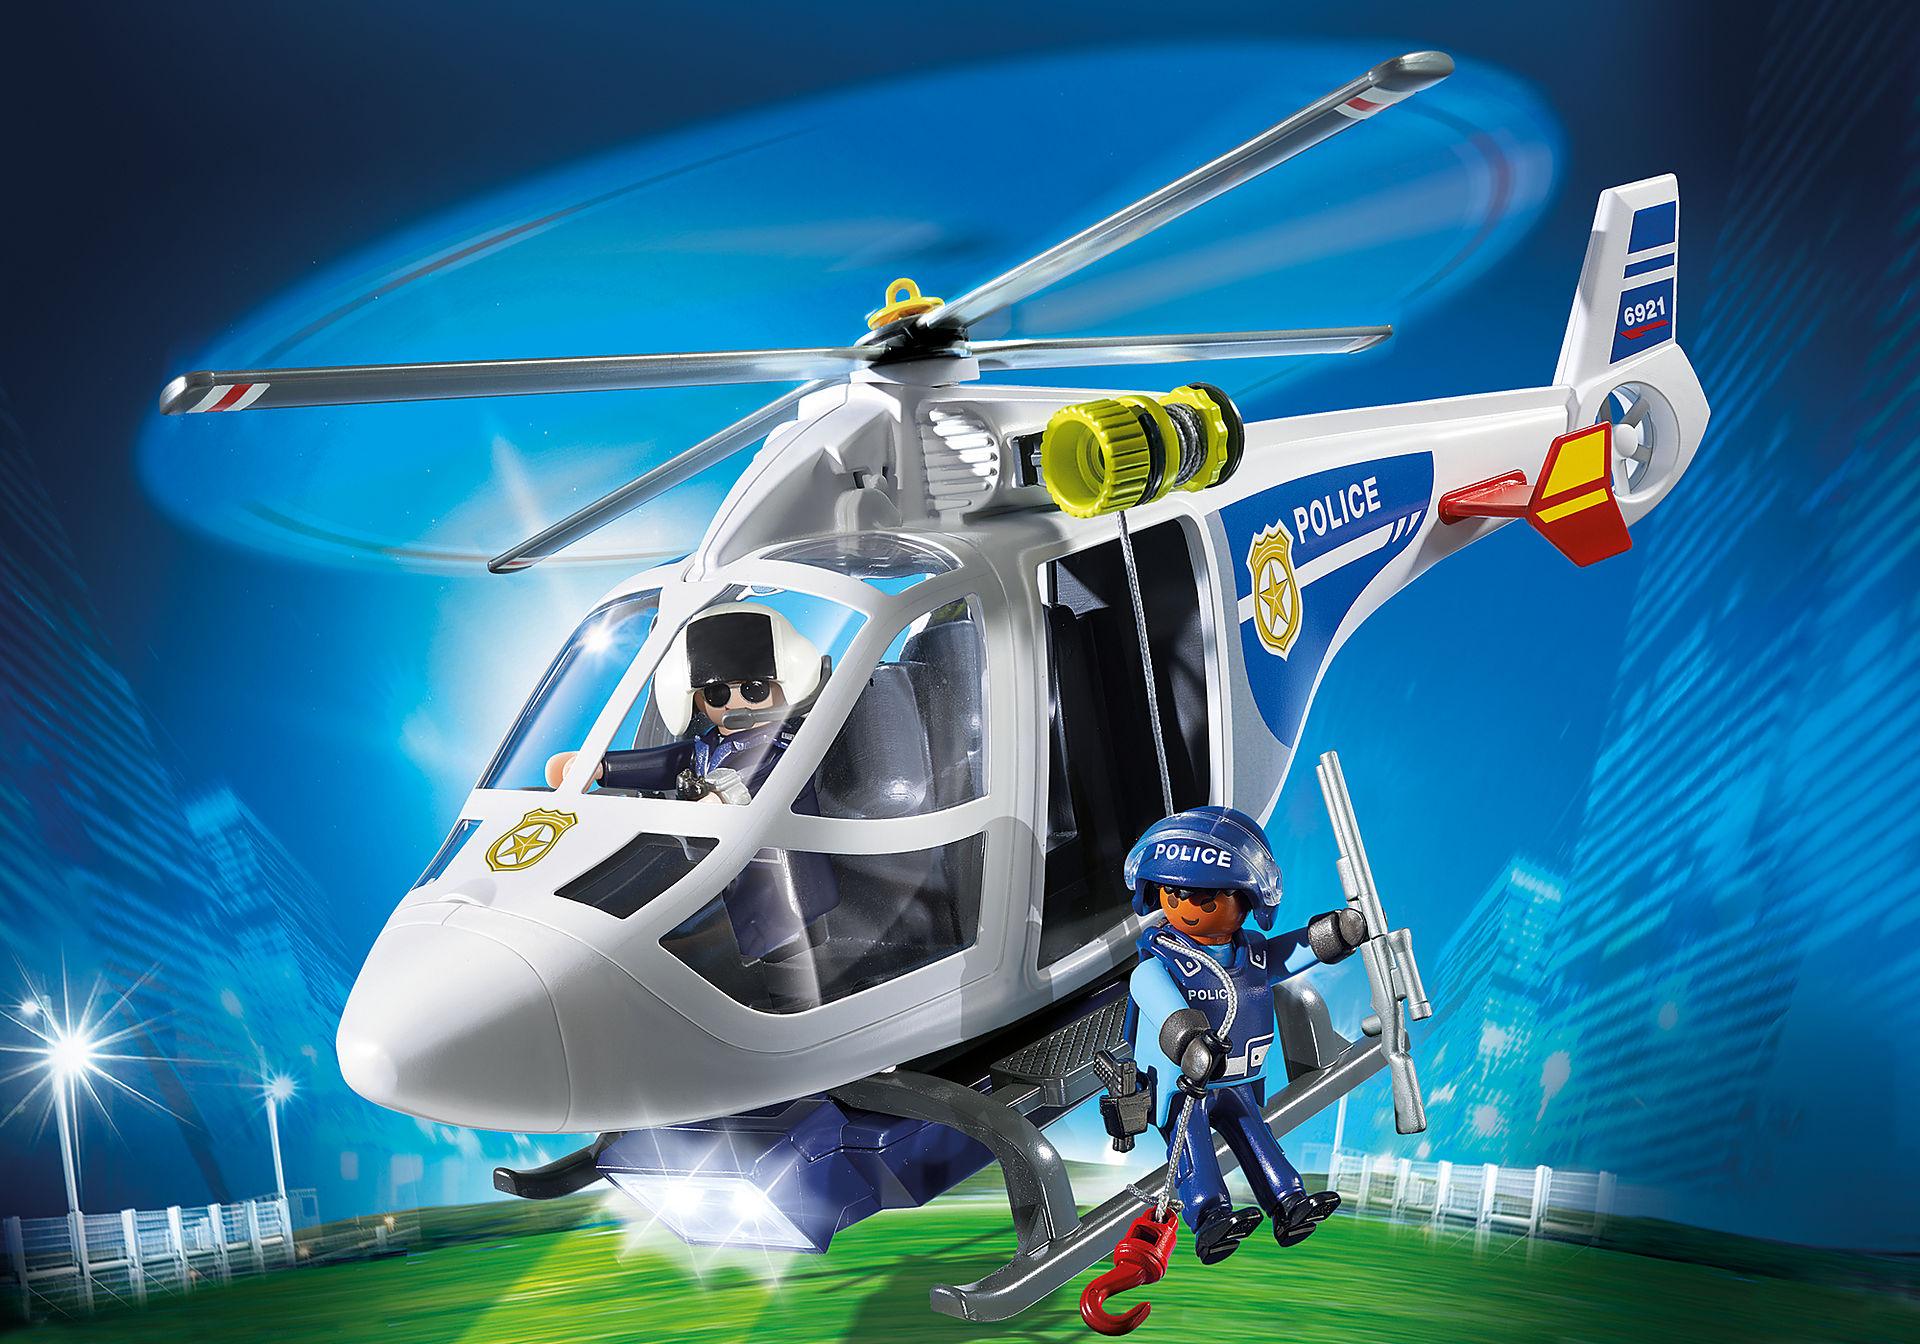 6921 Hélicoptère de police avec projecteur de recherche zoom image1